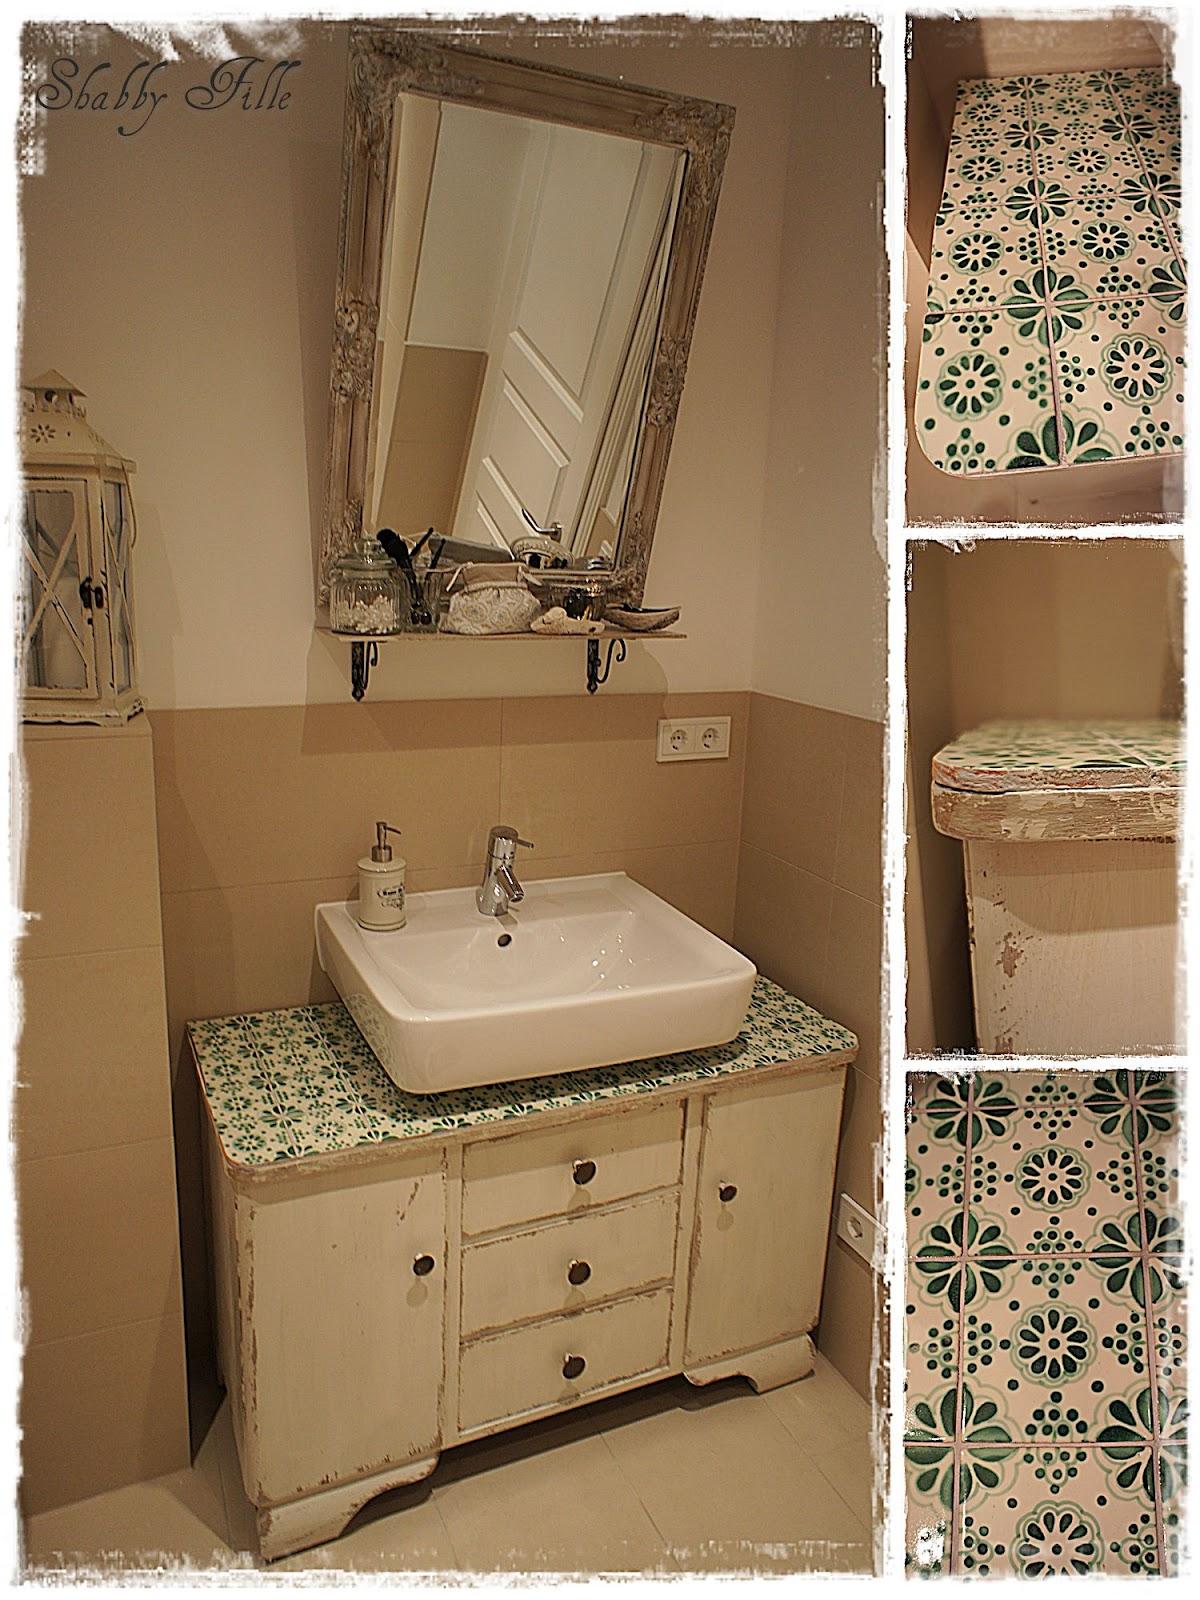 shabby fille juni 2012. Black Bedroom Furniture Sets. Home Design Ideas